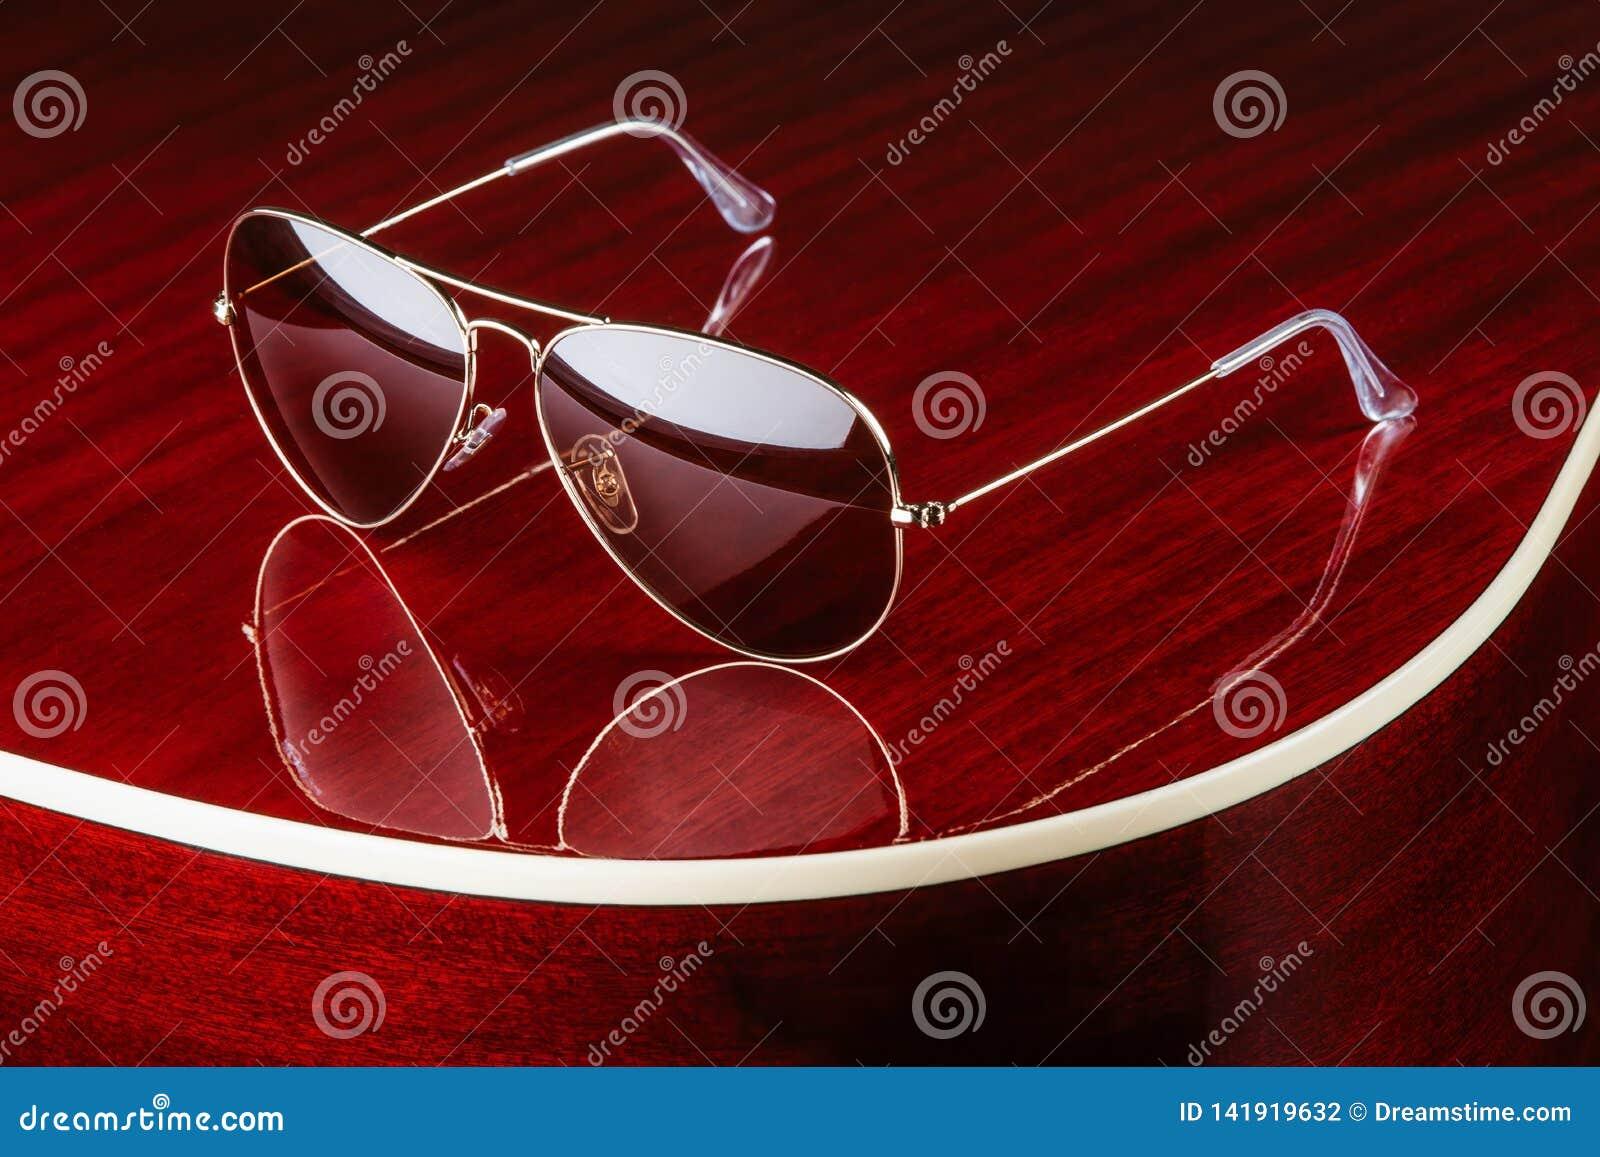 De zonnebril van de vliegeniersstijl op glanzende gitaar